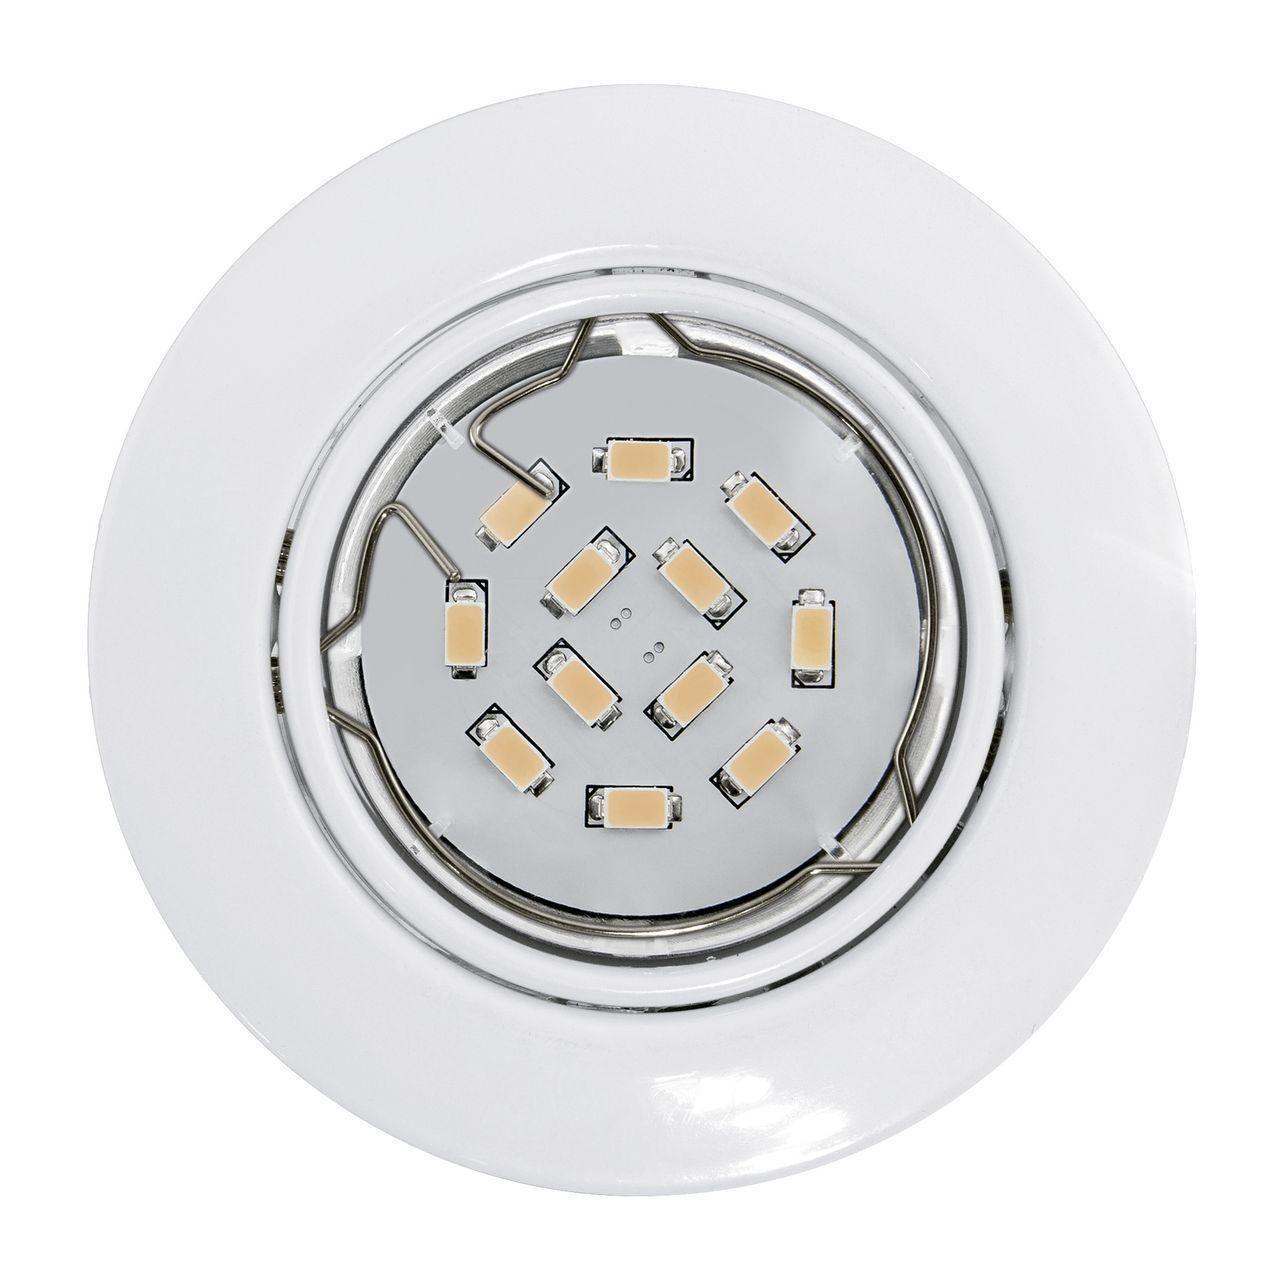 Встраиваемый светильник Eglo 94239, GU10, 5 Вт цена 2017